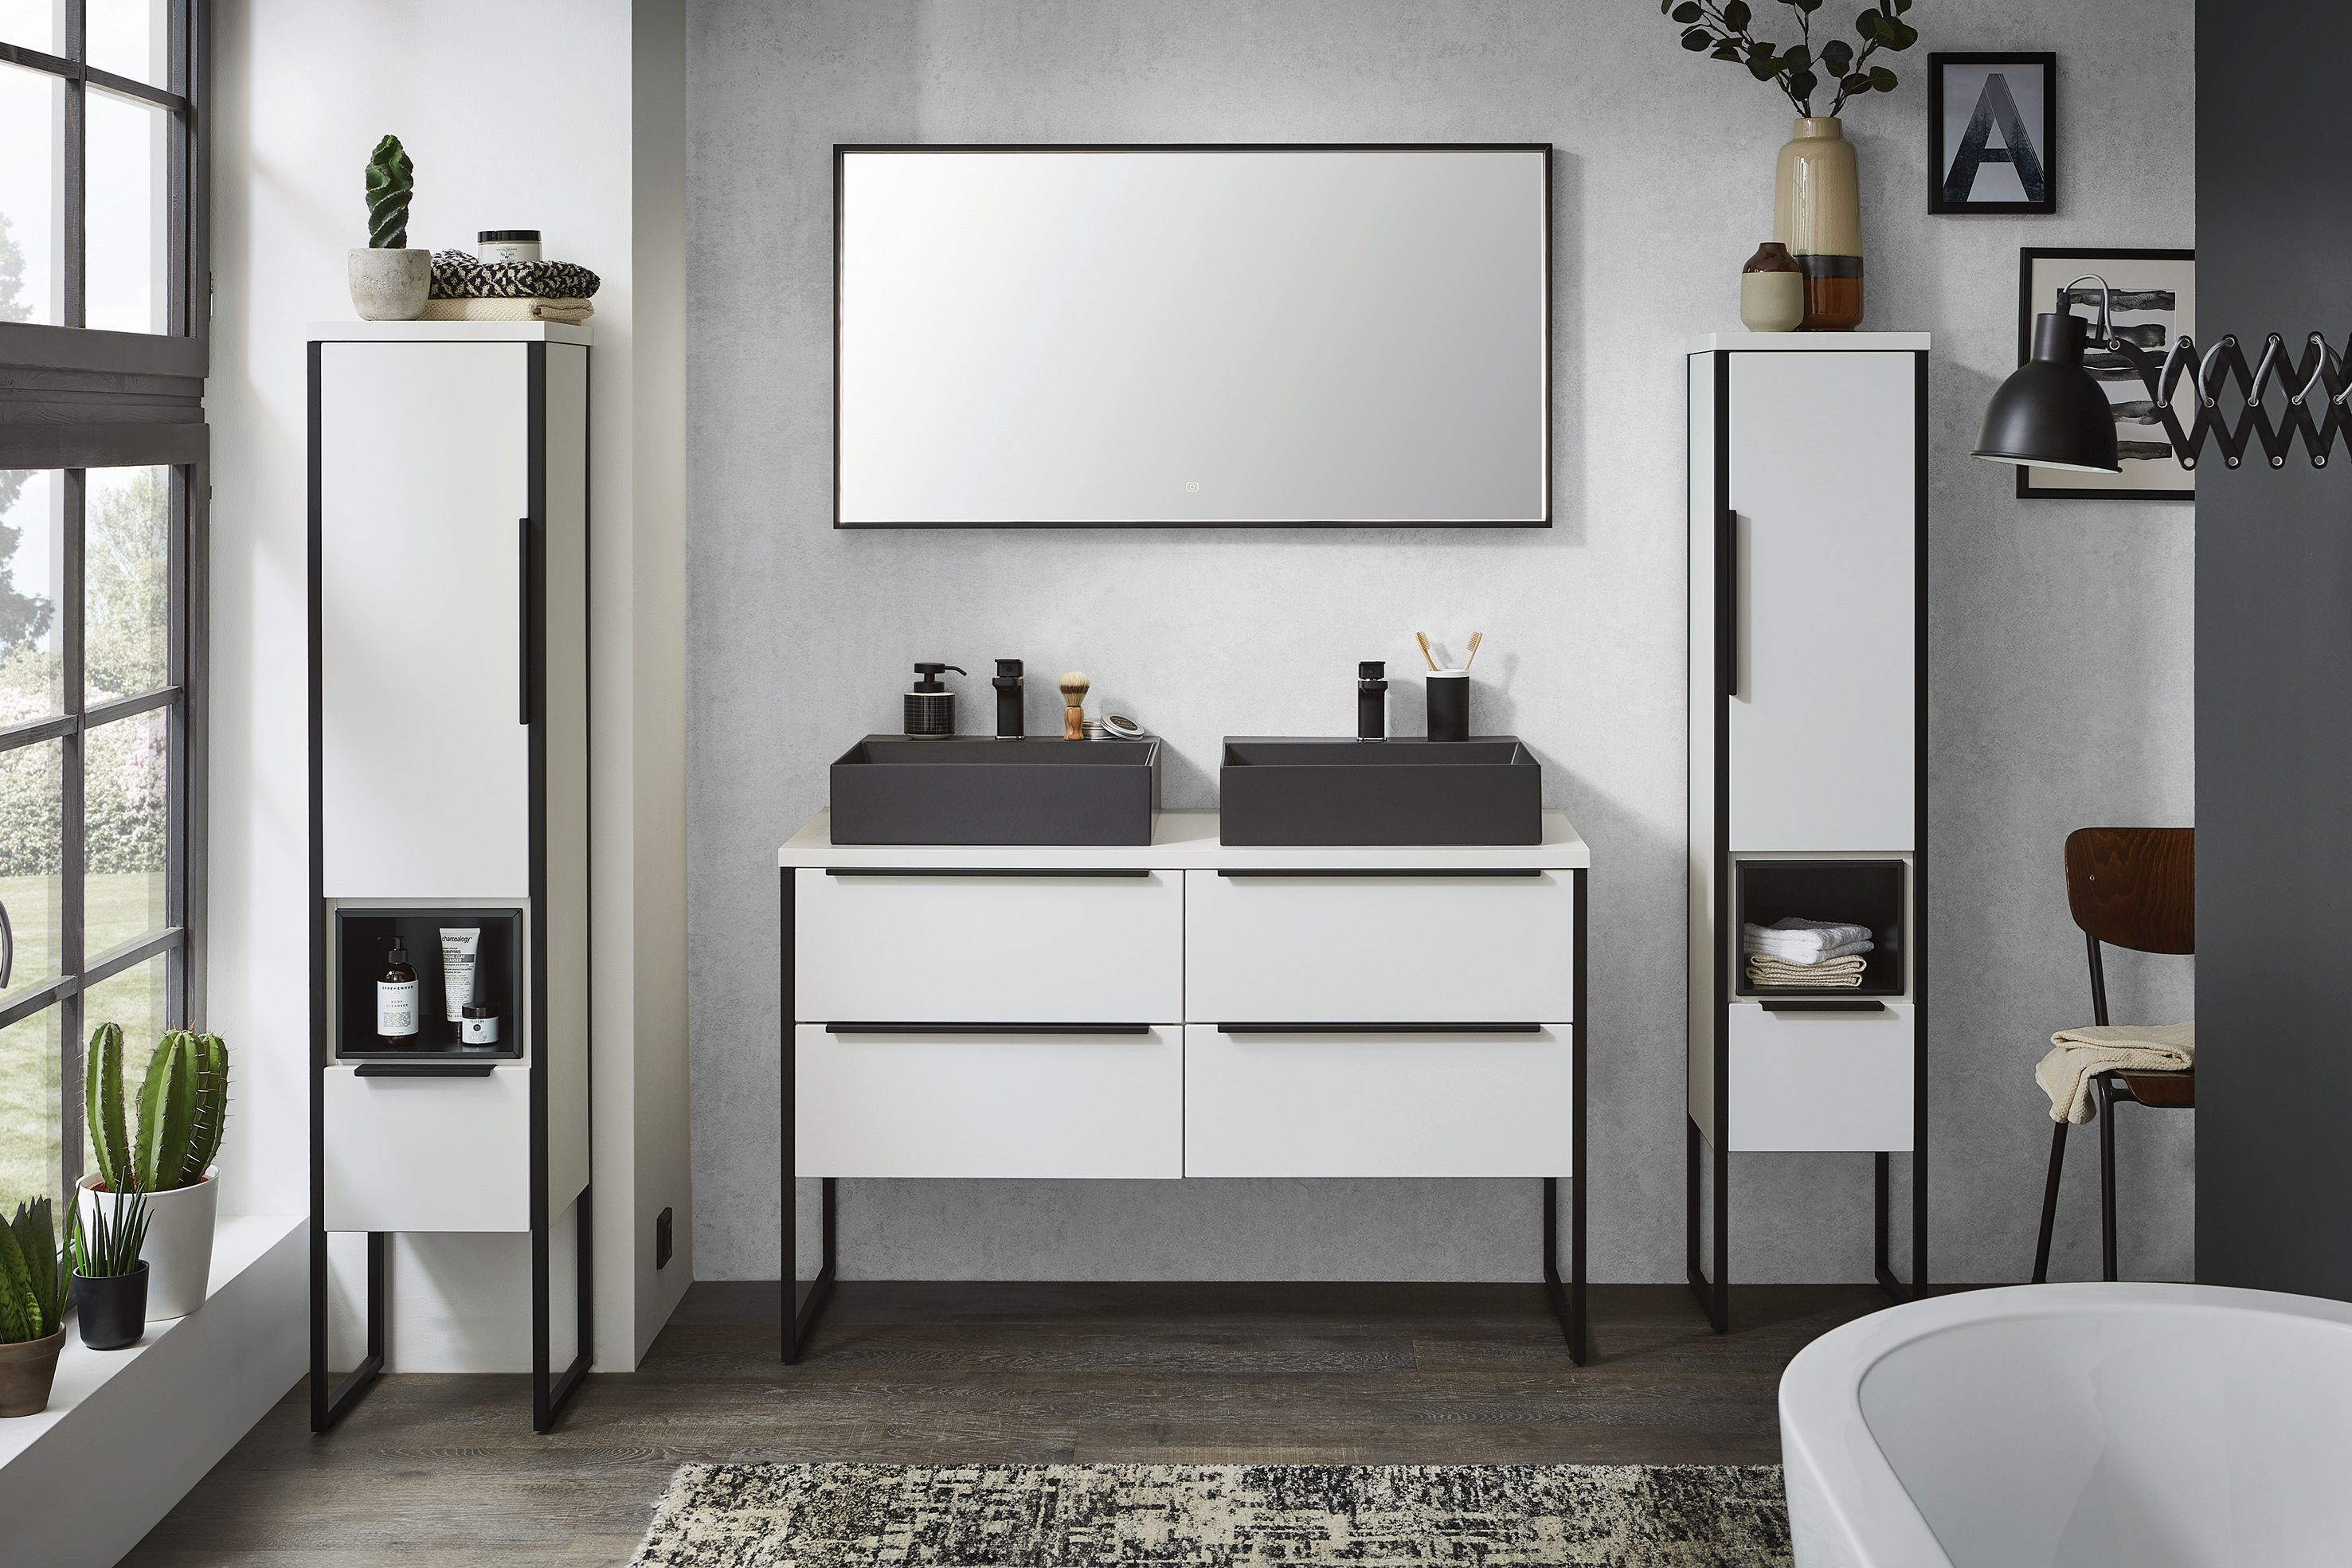 doppelwaschtisch mit unterschrank im badm bel set badm bel 1. Black Bedroom Furniture Sets. Home Design Ideas